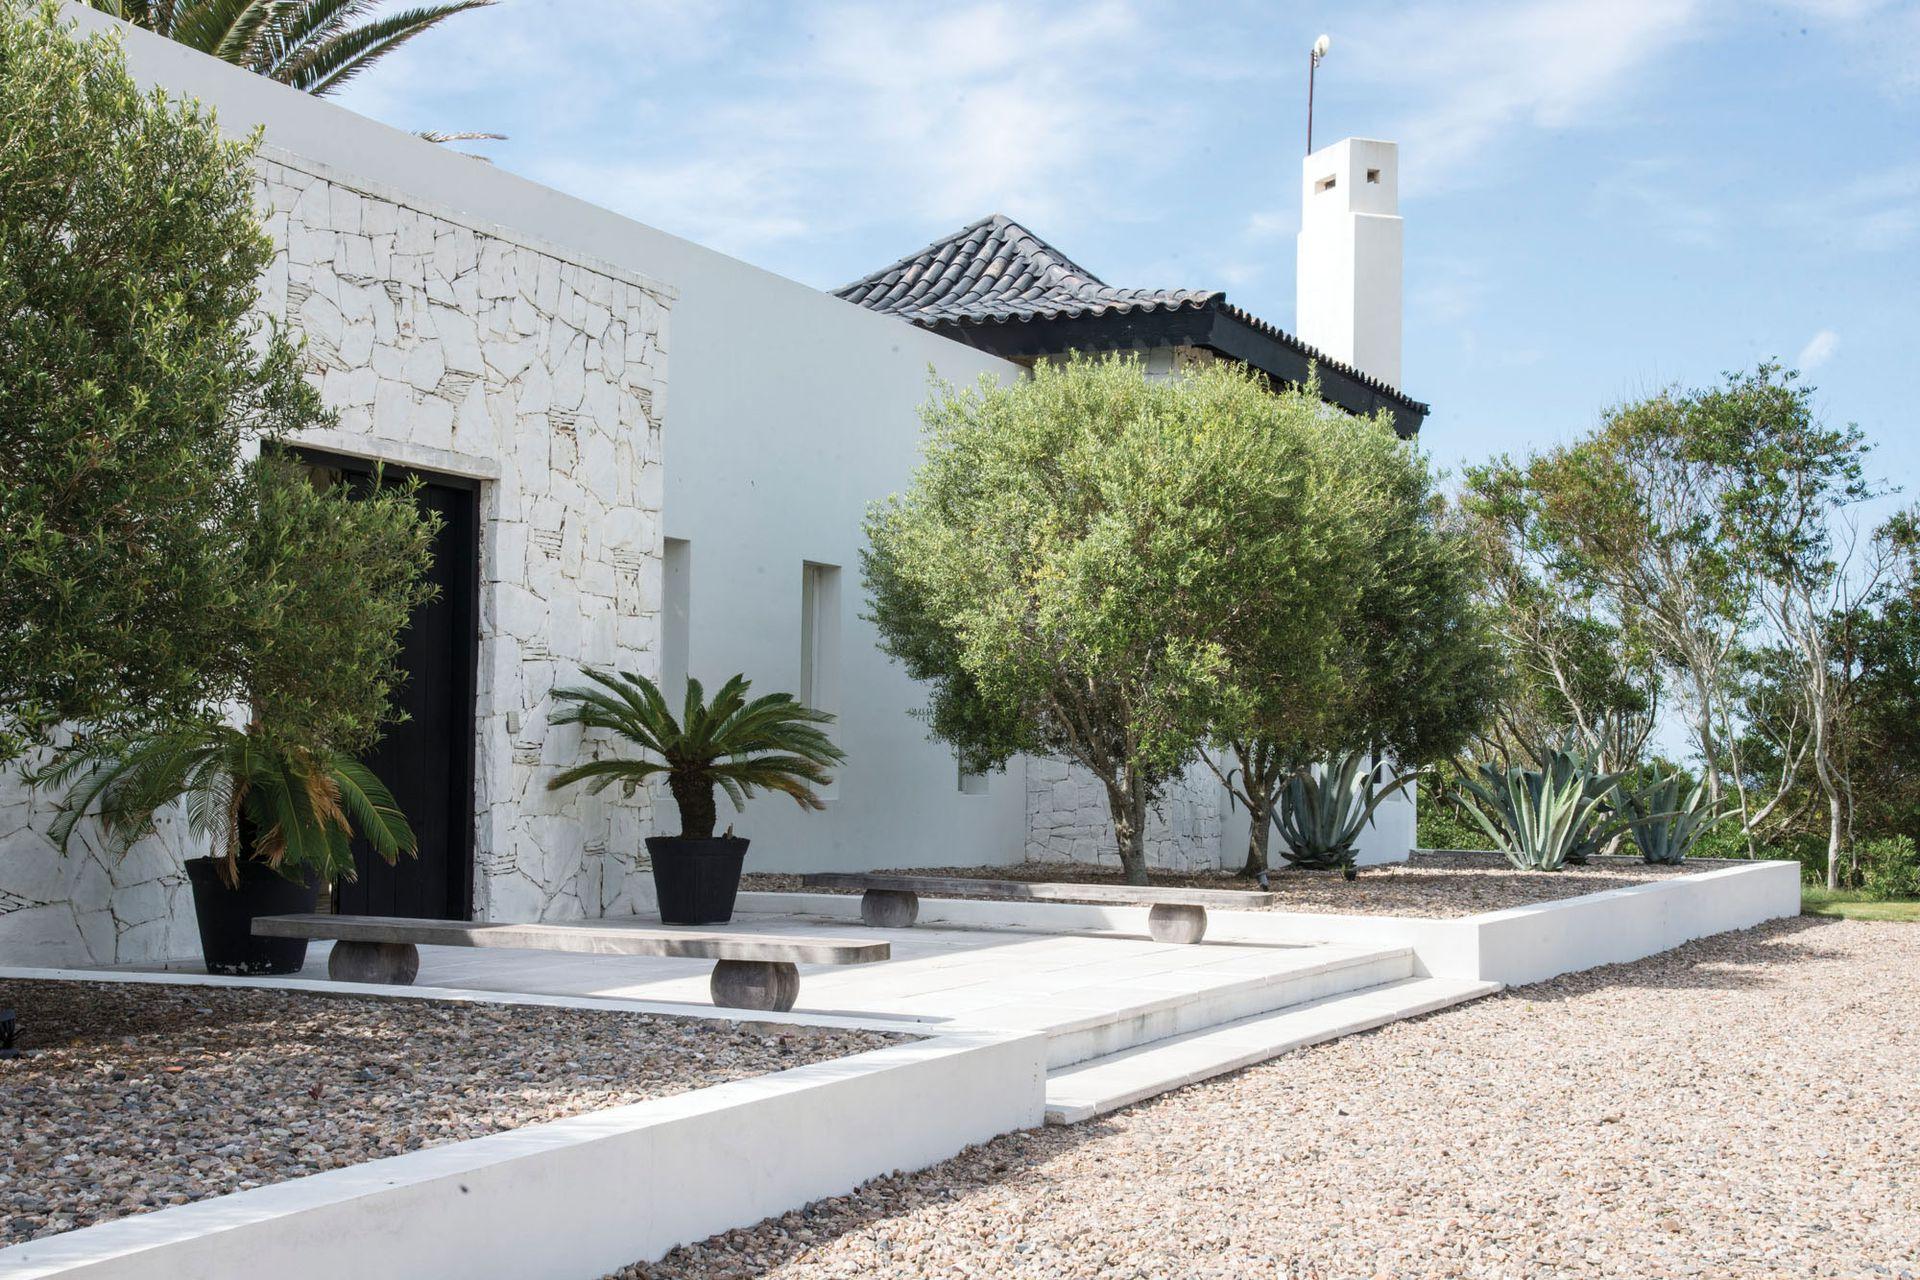 El acceso principal a la casa se refuerza con cuatro simétricos olivos y dos macetones.